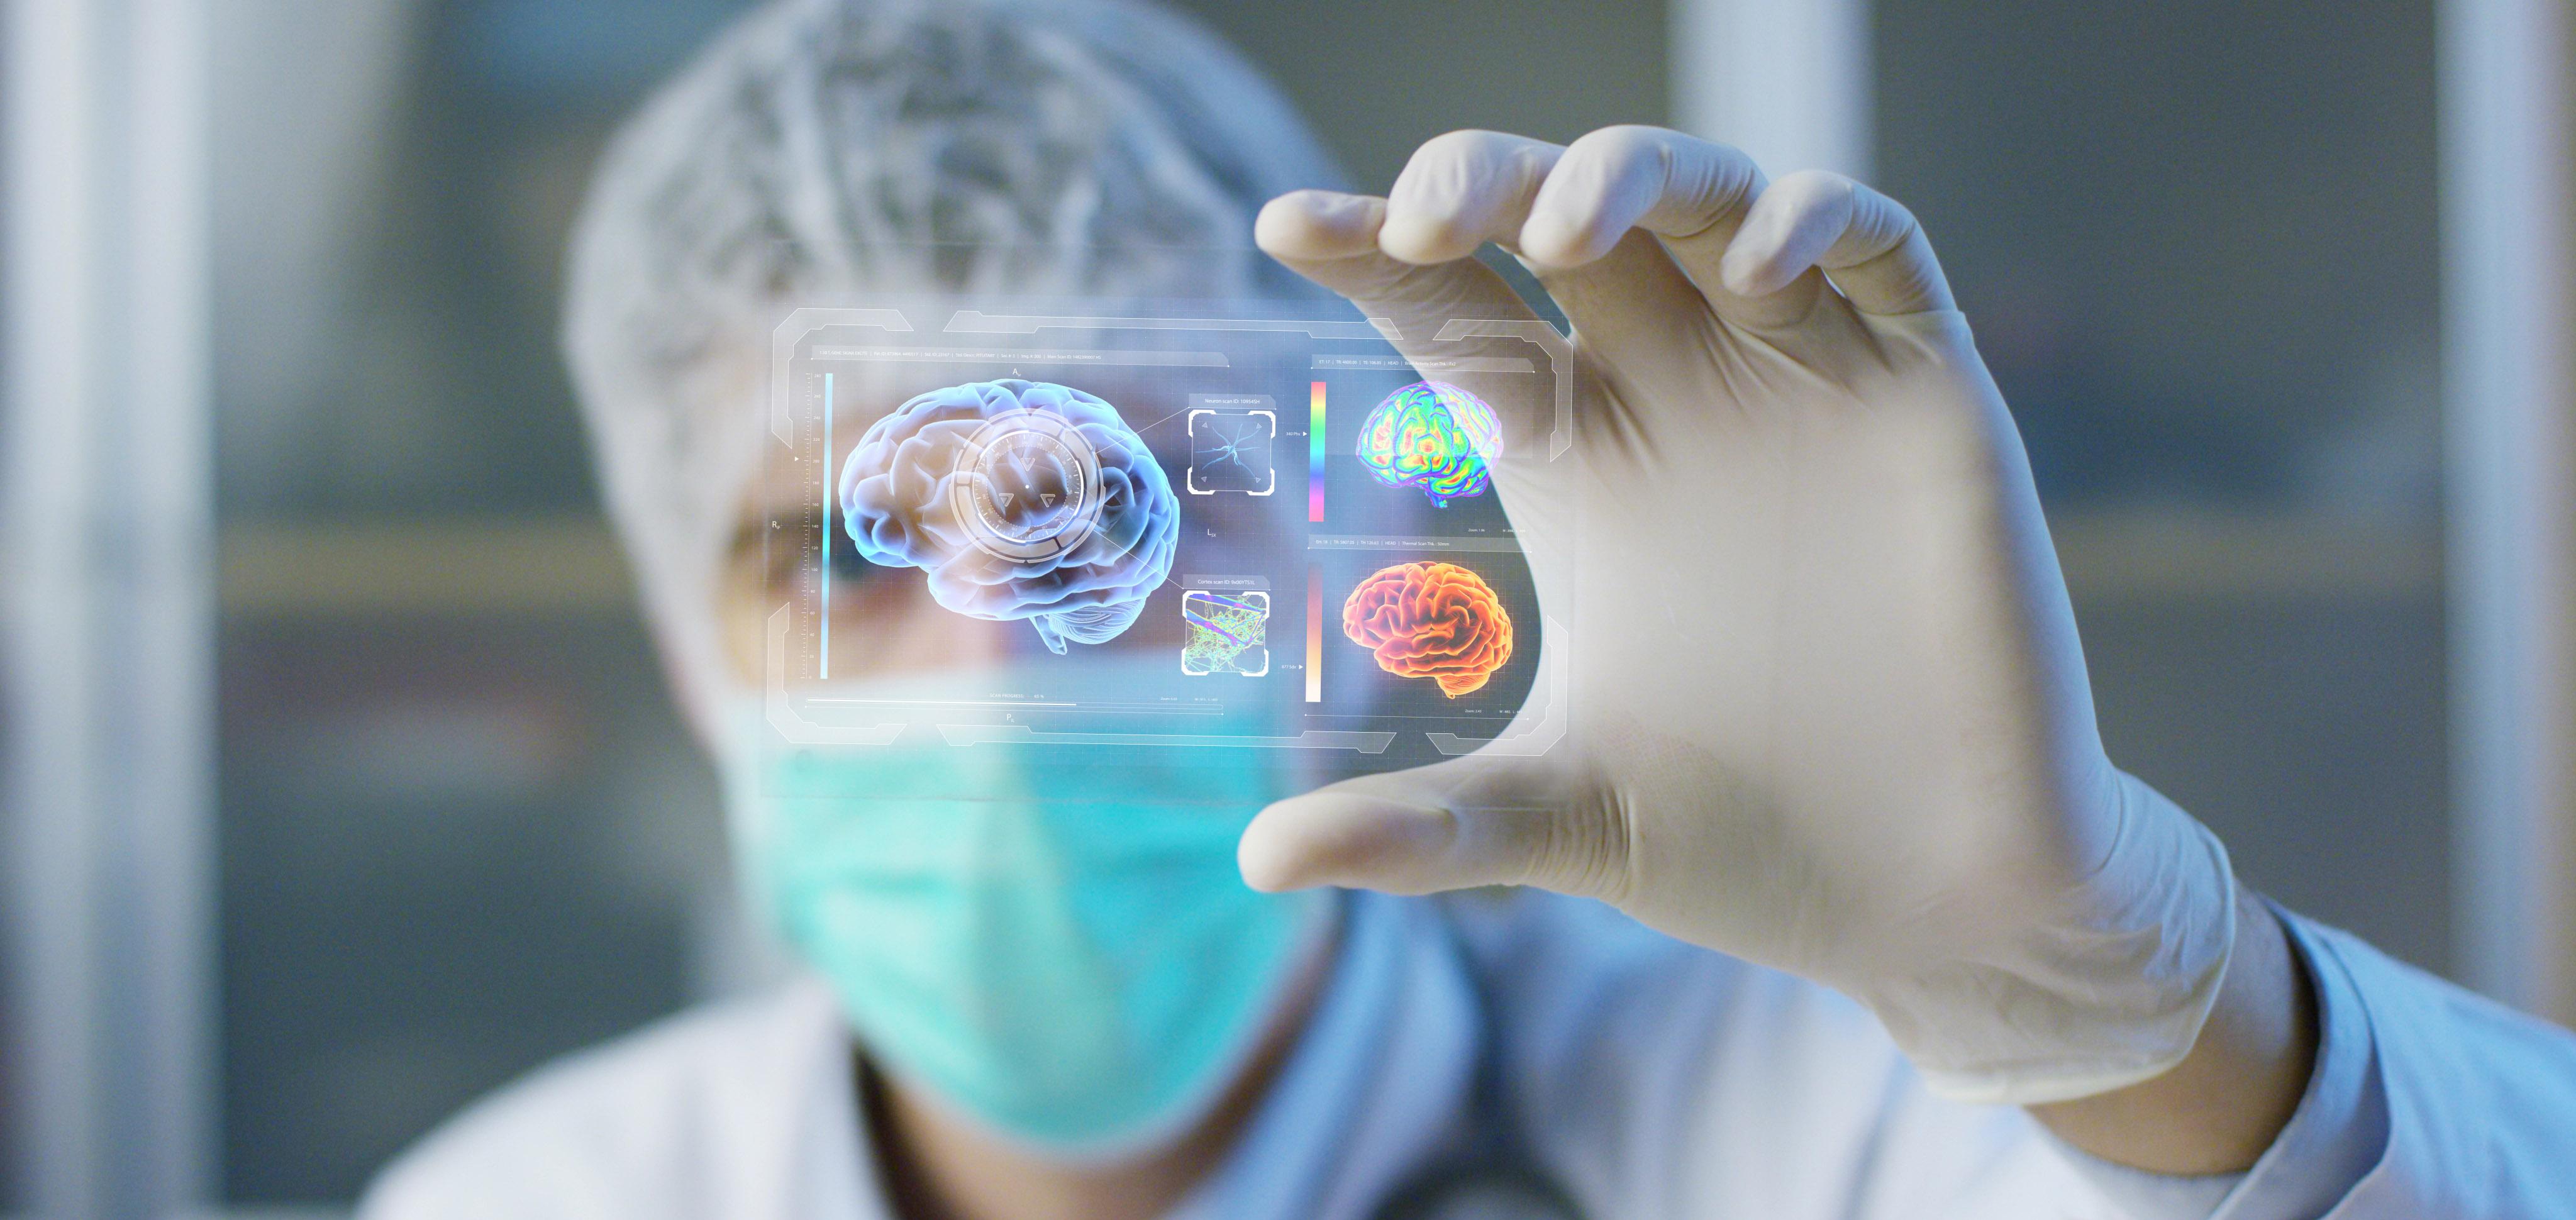 Unser Gehirn ist keine Festplatte.